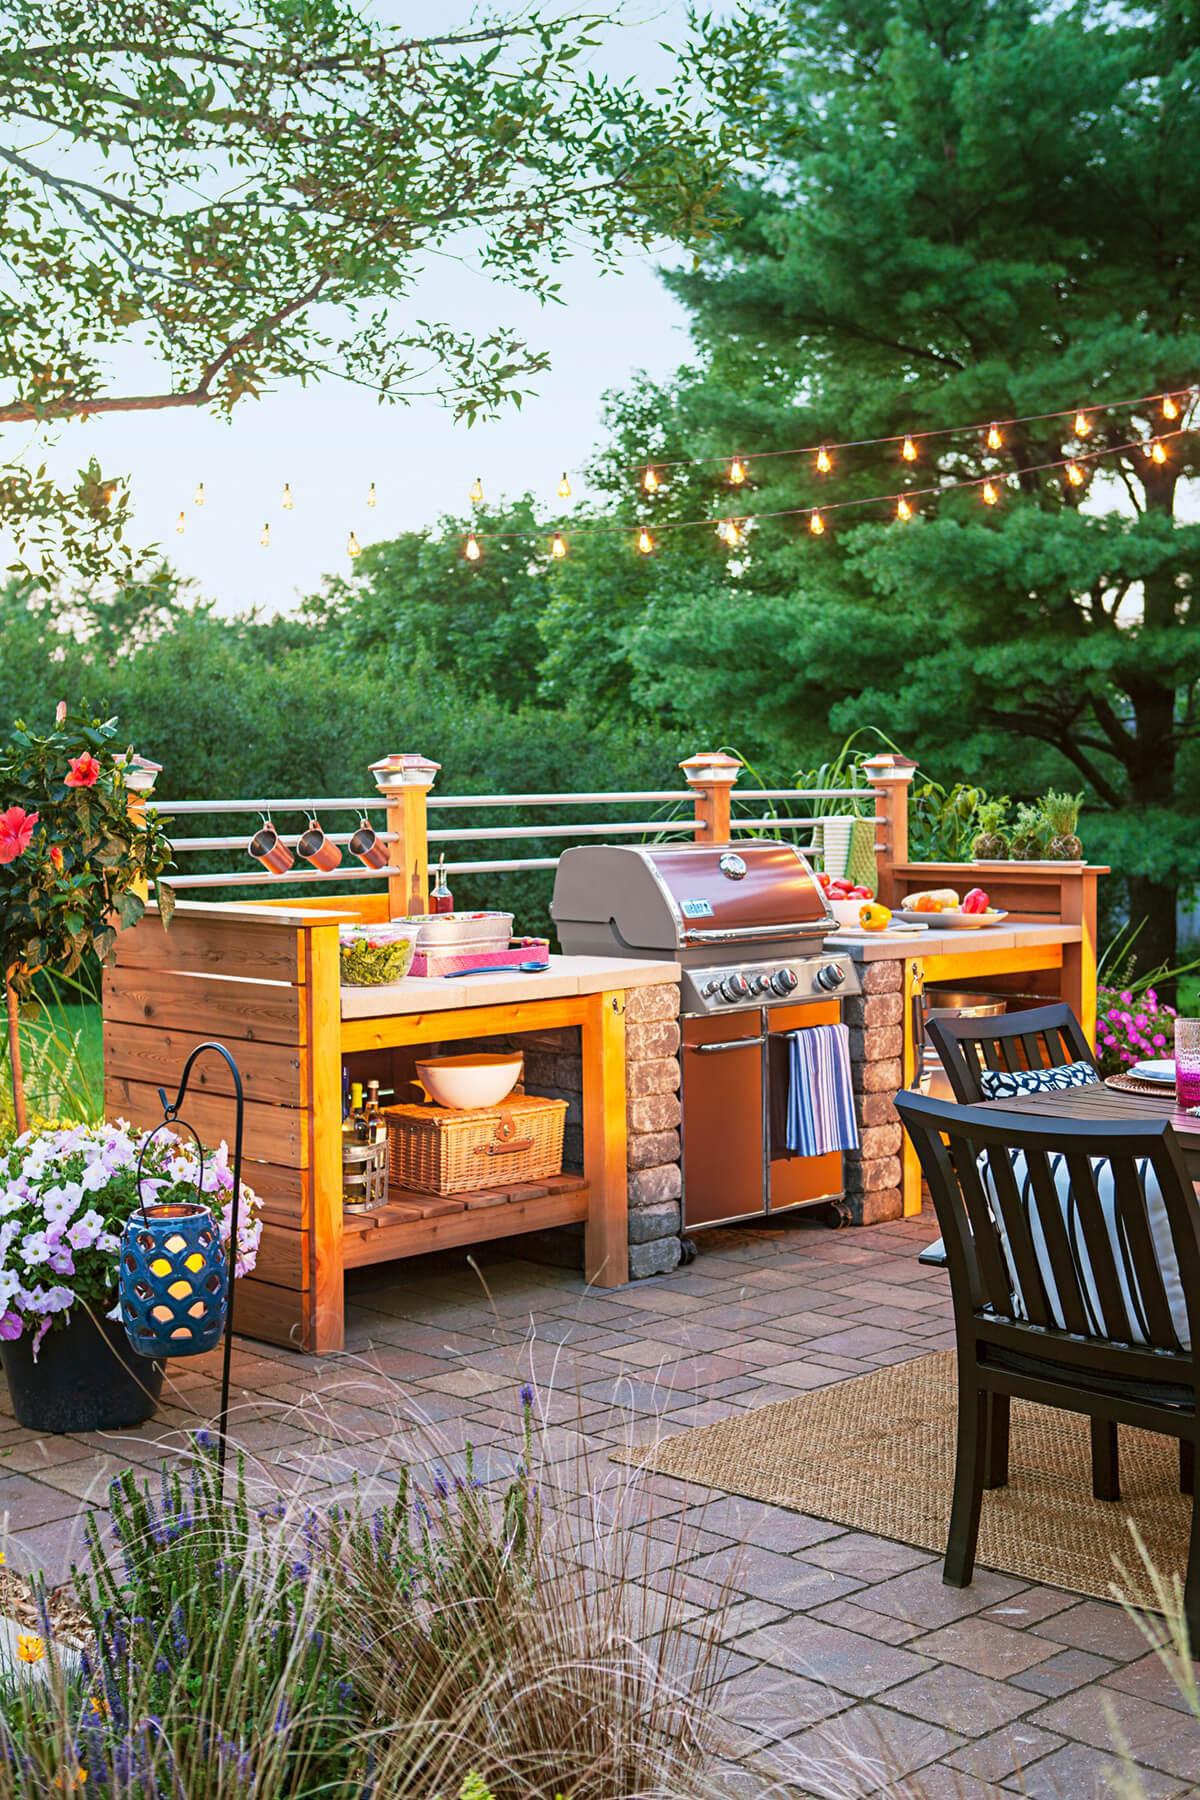 Balcony Play Area Ideas